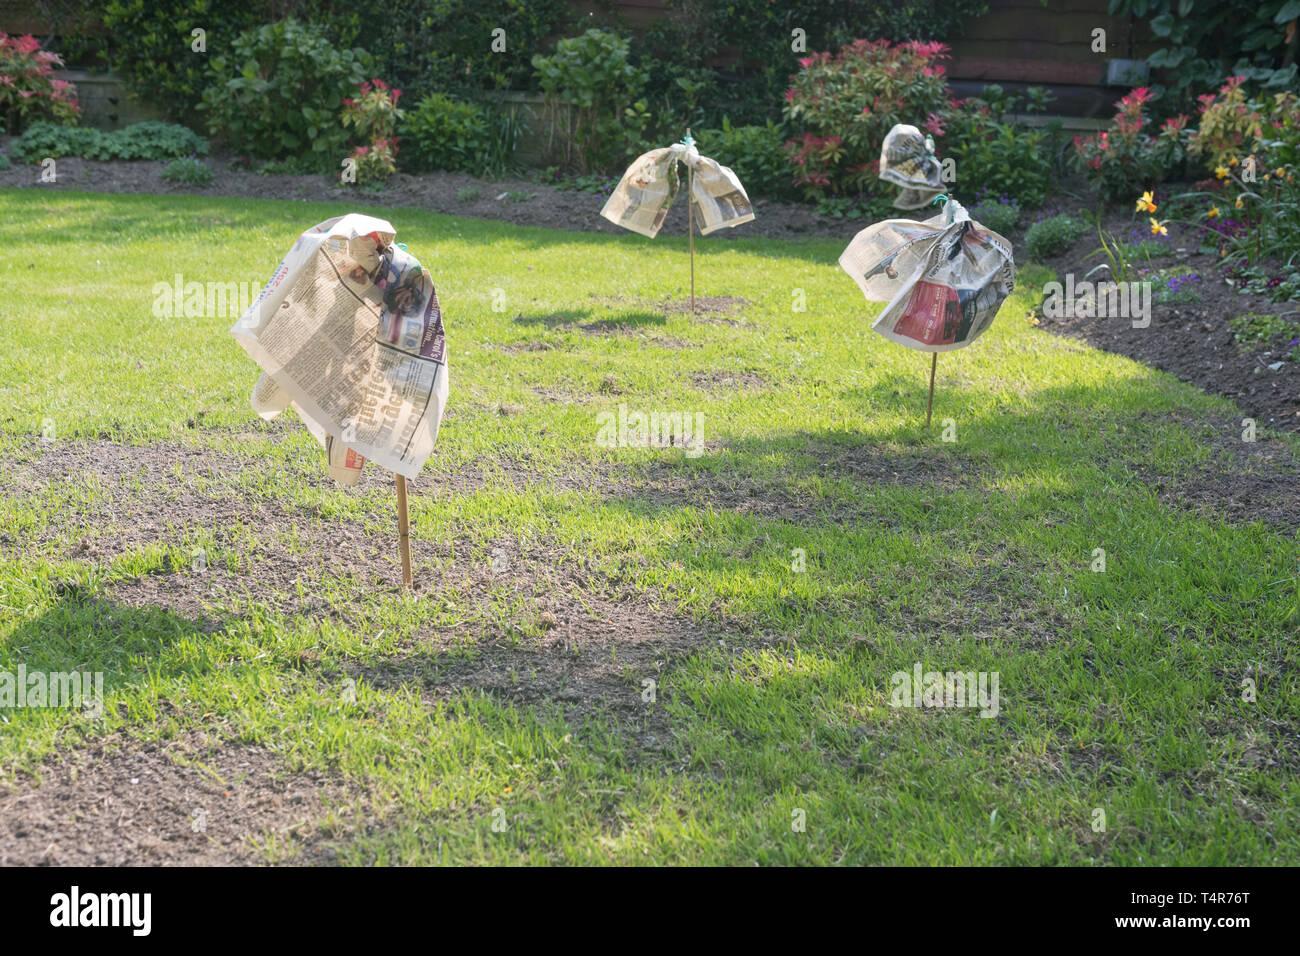 Scarers oiseaux faits de journal sur réparé et jardin pelouse nouvellement semées - UK Photo Stock